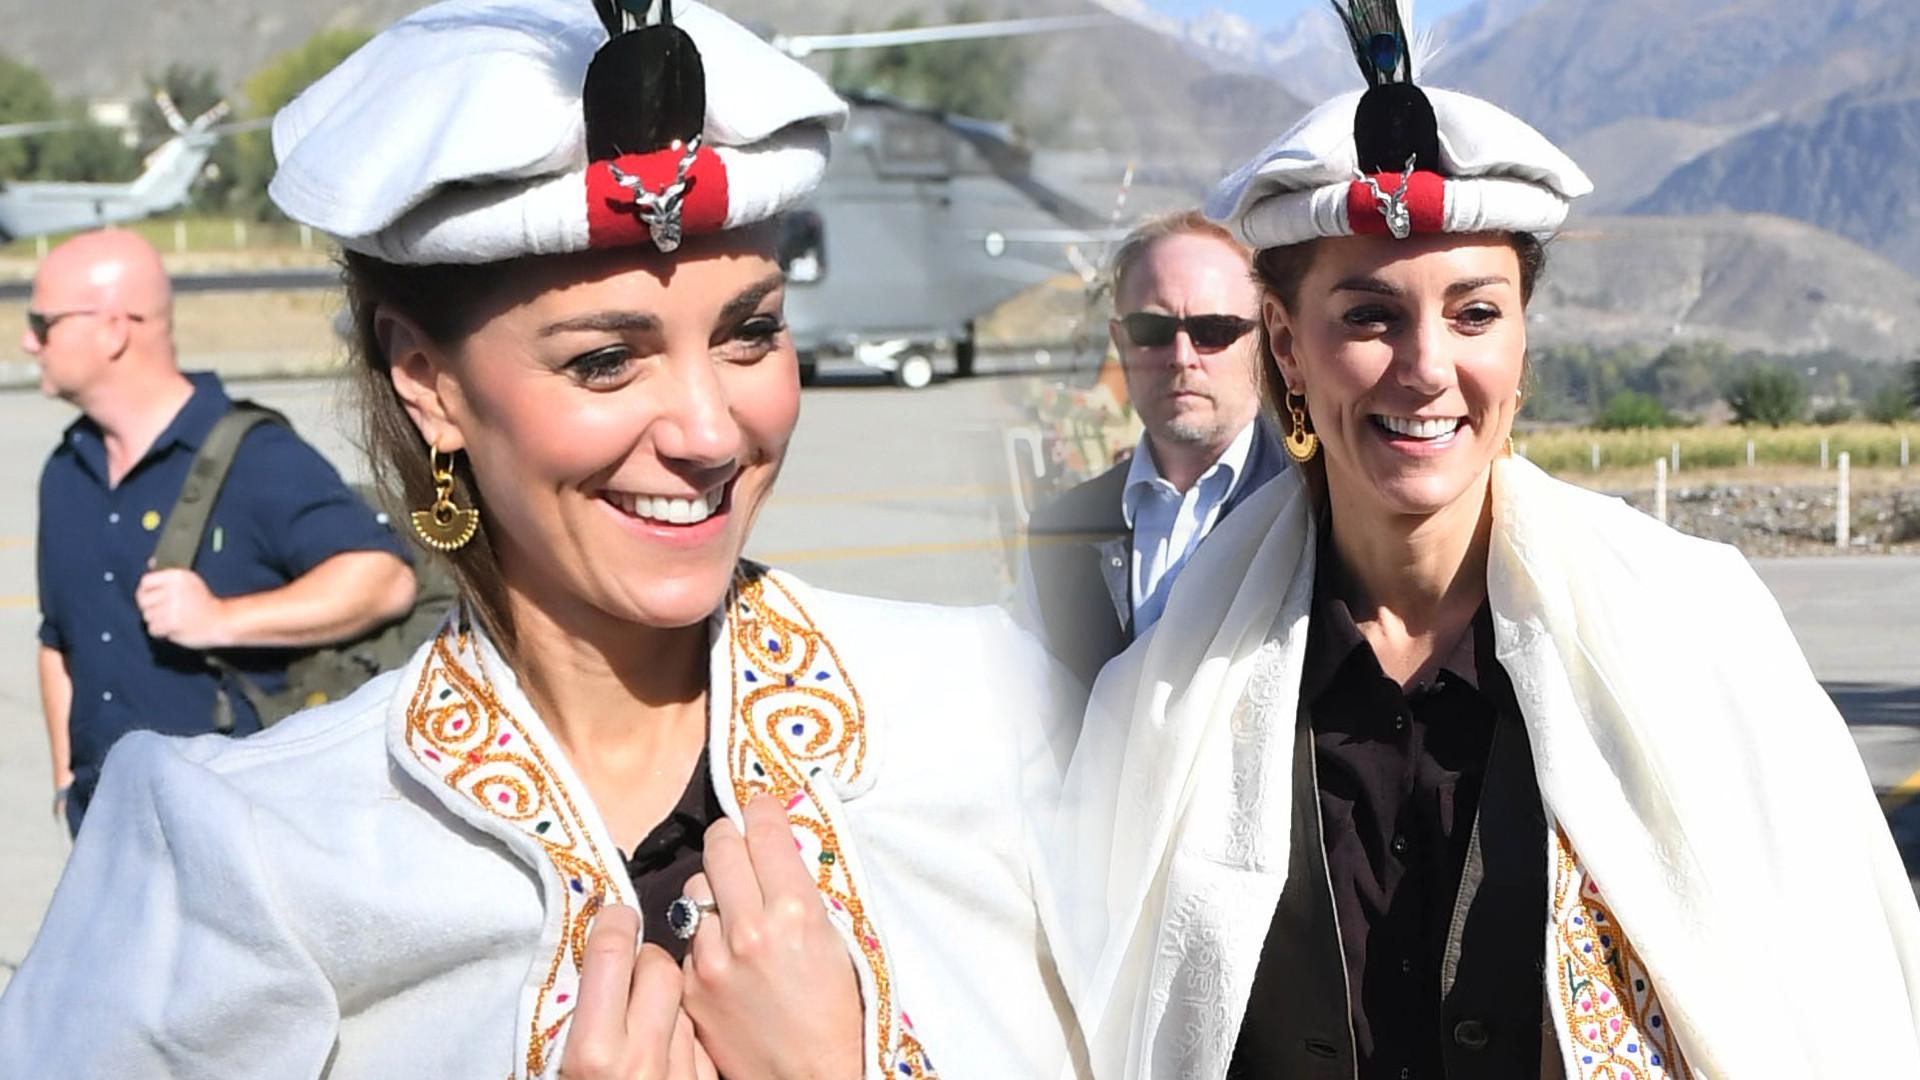 WOW! Księżna Kate odtworzyła strój księżnej Diany sprzed wielu lat (ZDJĘCIA)